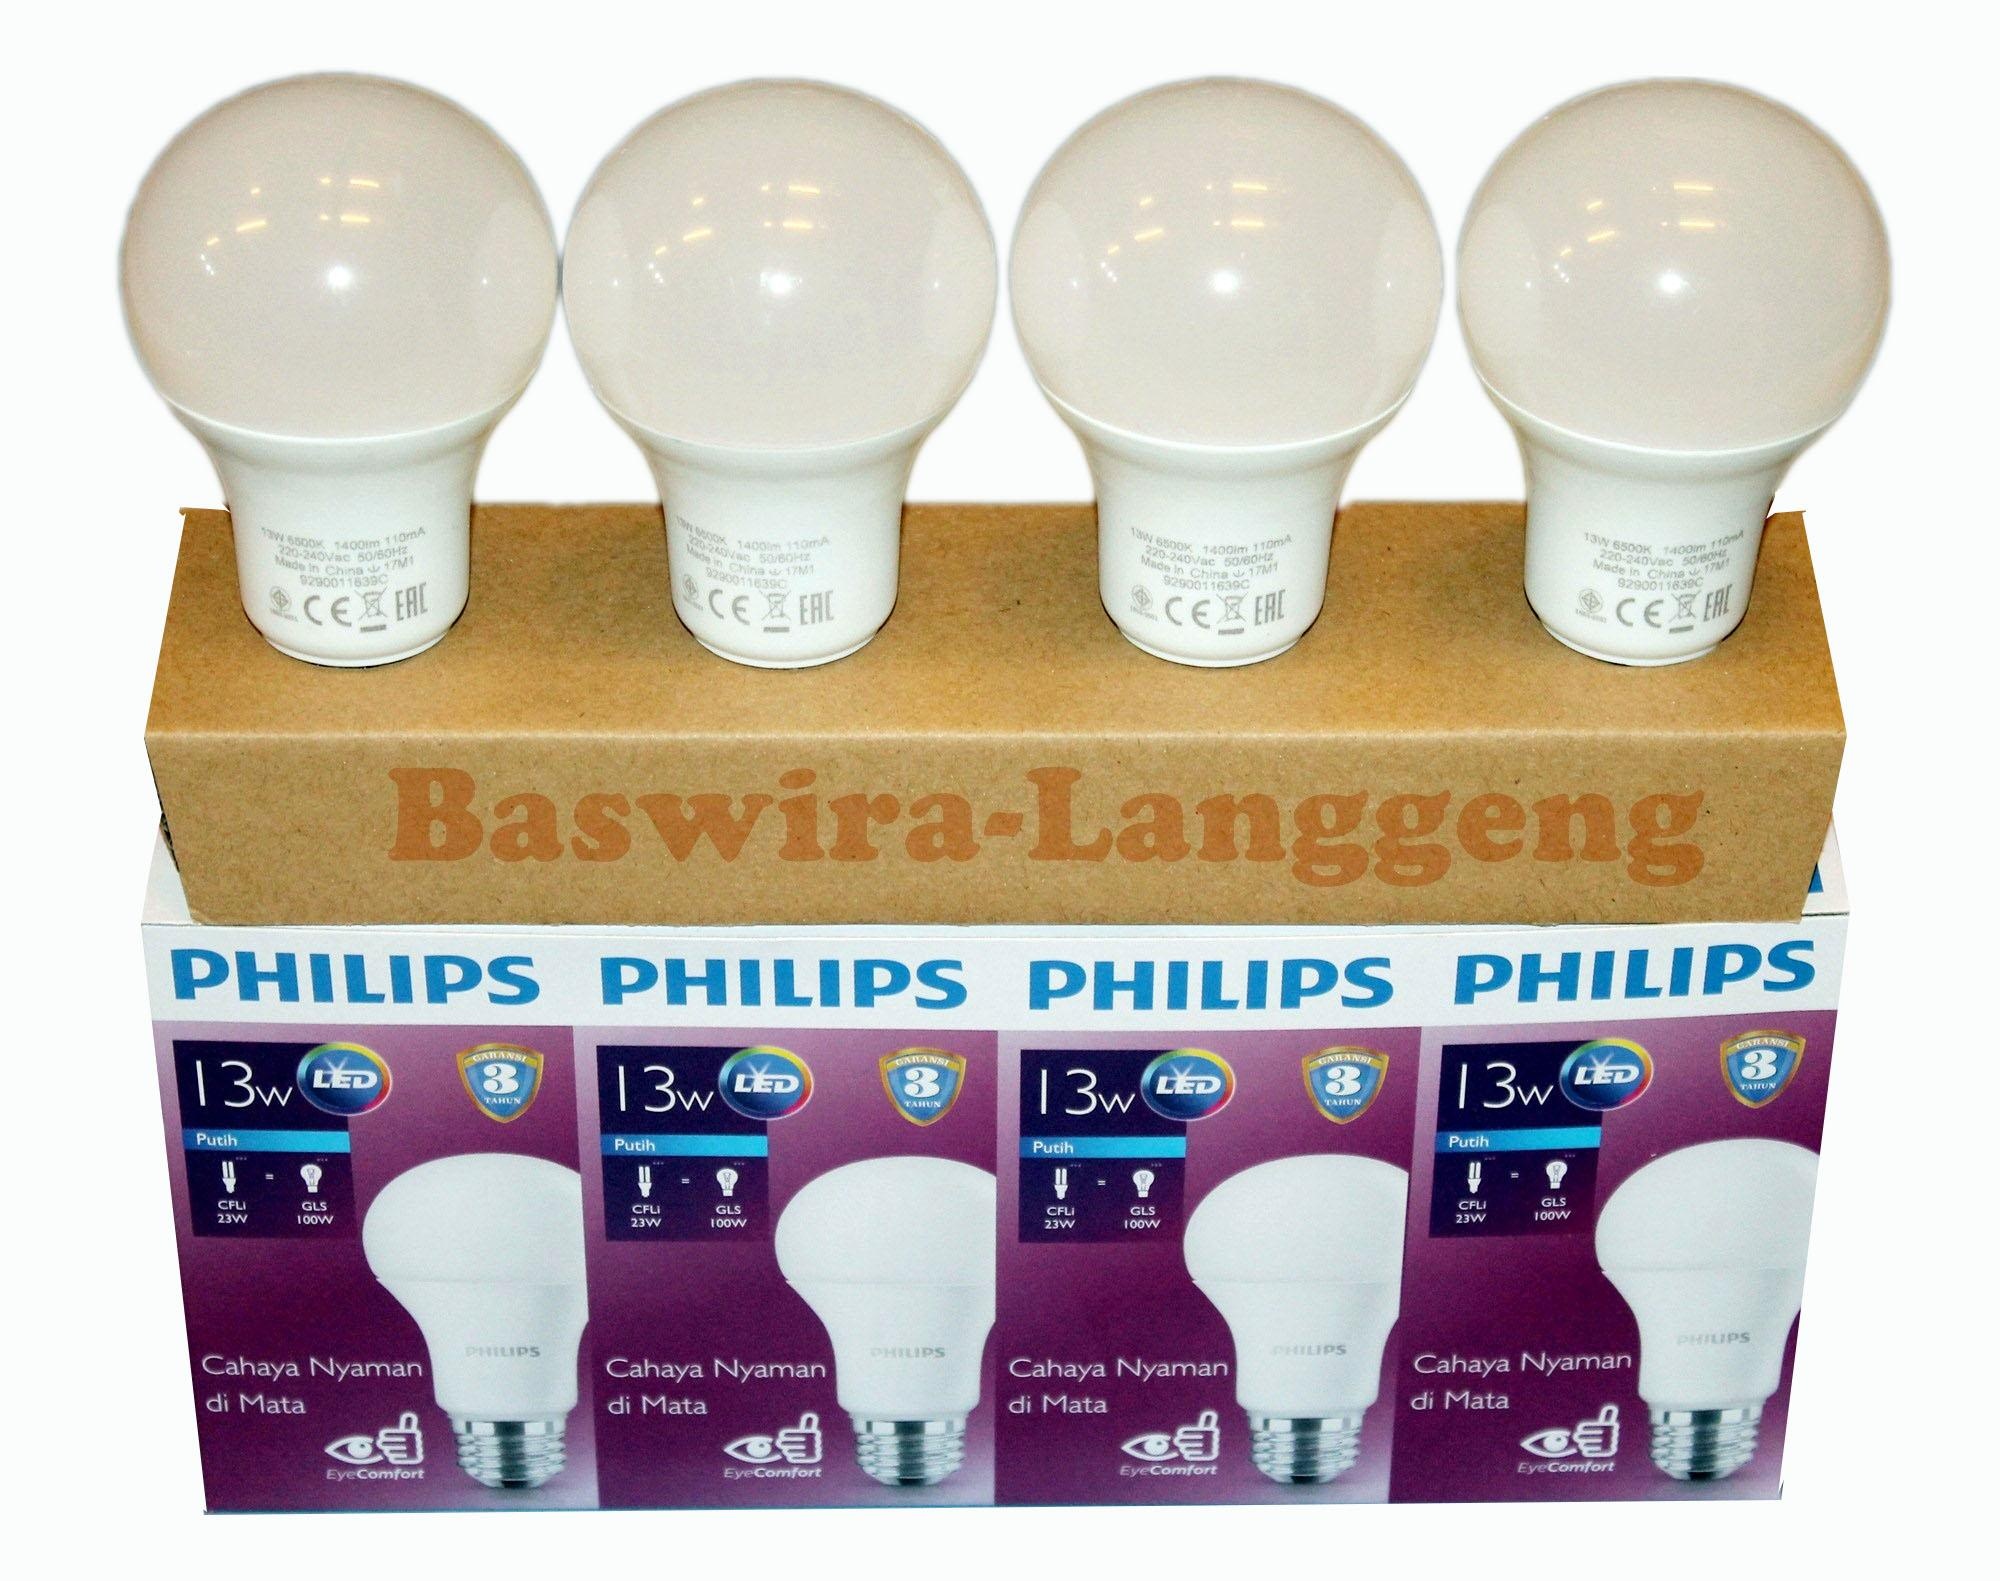 Cek Harga Baru Philips Lampu Led Bulb 13 Watt Unicef Beli 3 Gratis 1 Bohlam 13w Philip W 13watt Paket  Gambar Produk Rinci Putih Terkini